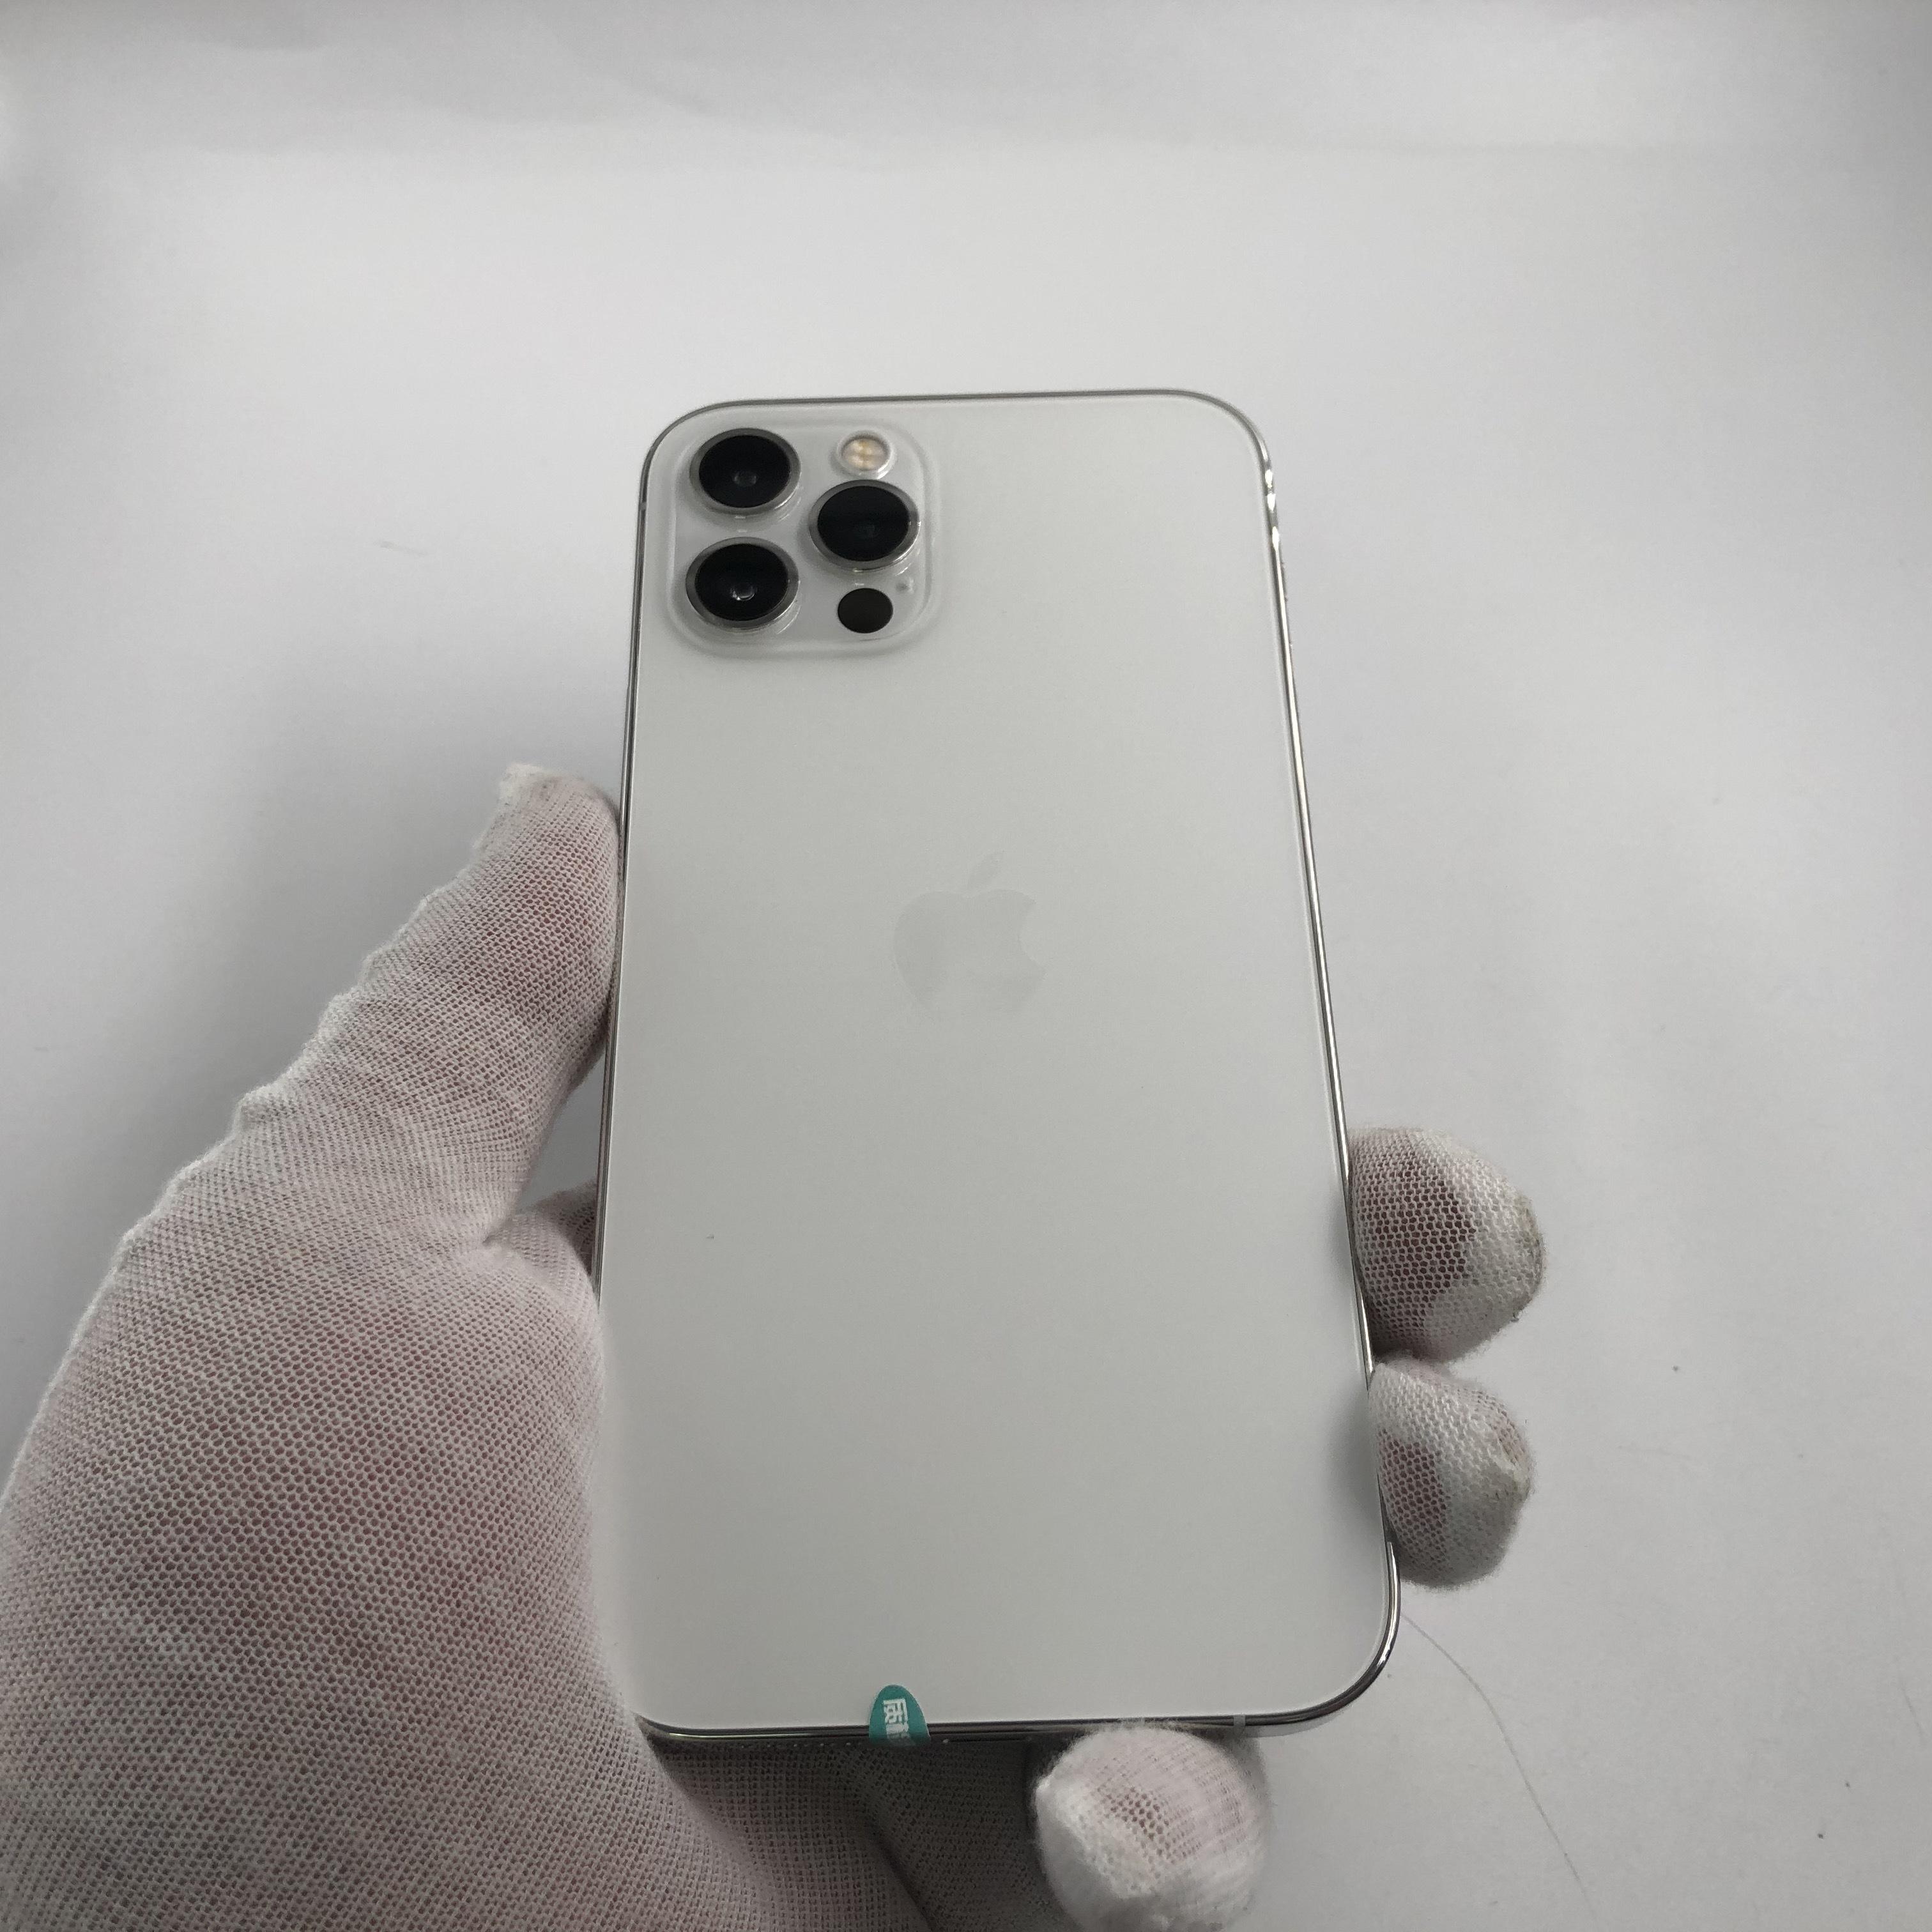 苹果【iPhone 12 Pro】5G全网通 银色 256G 国行 95新